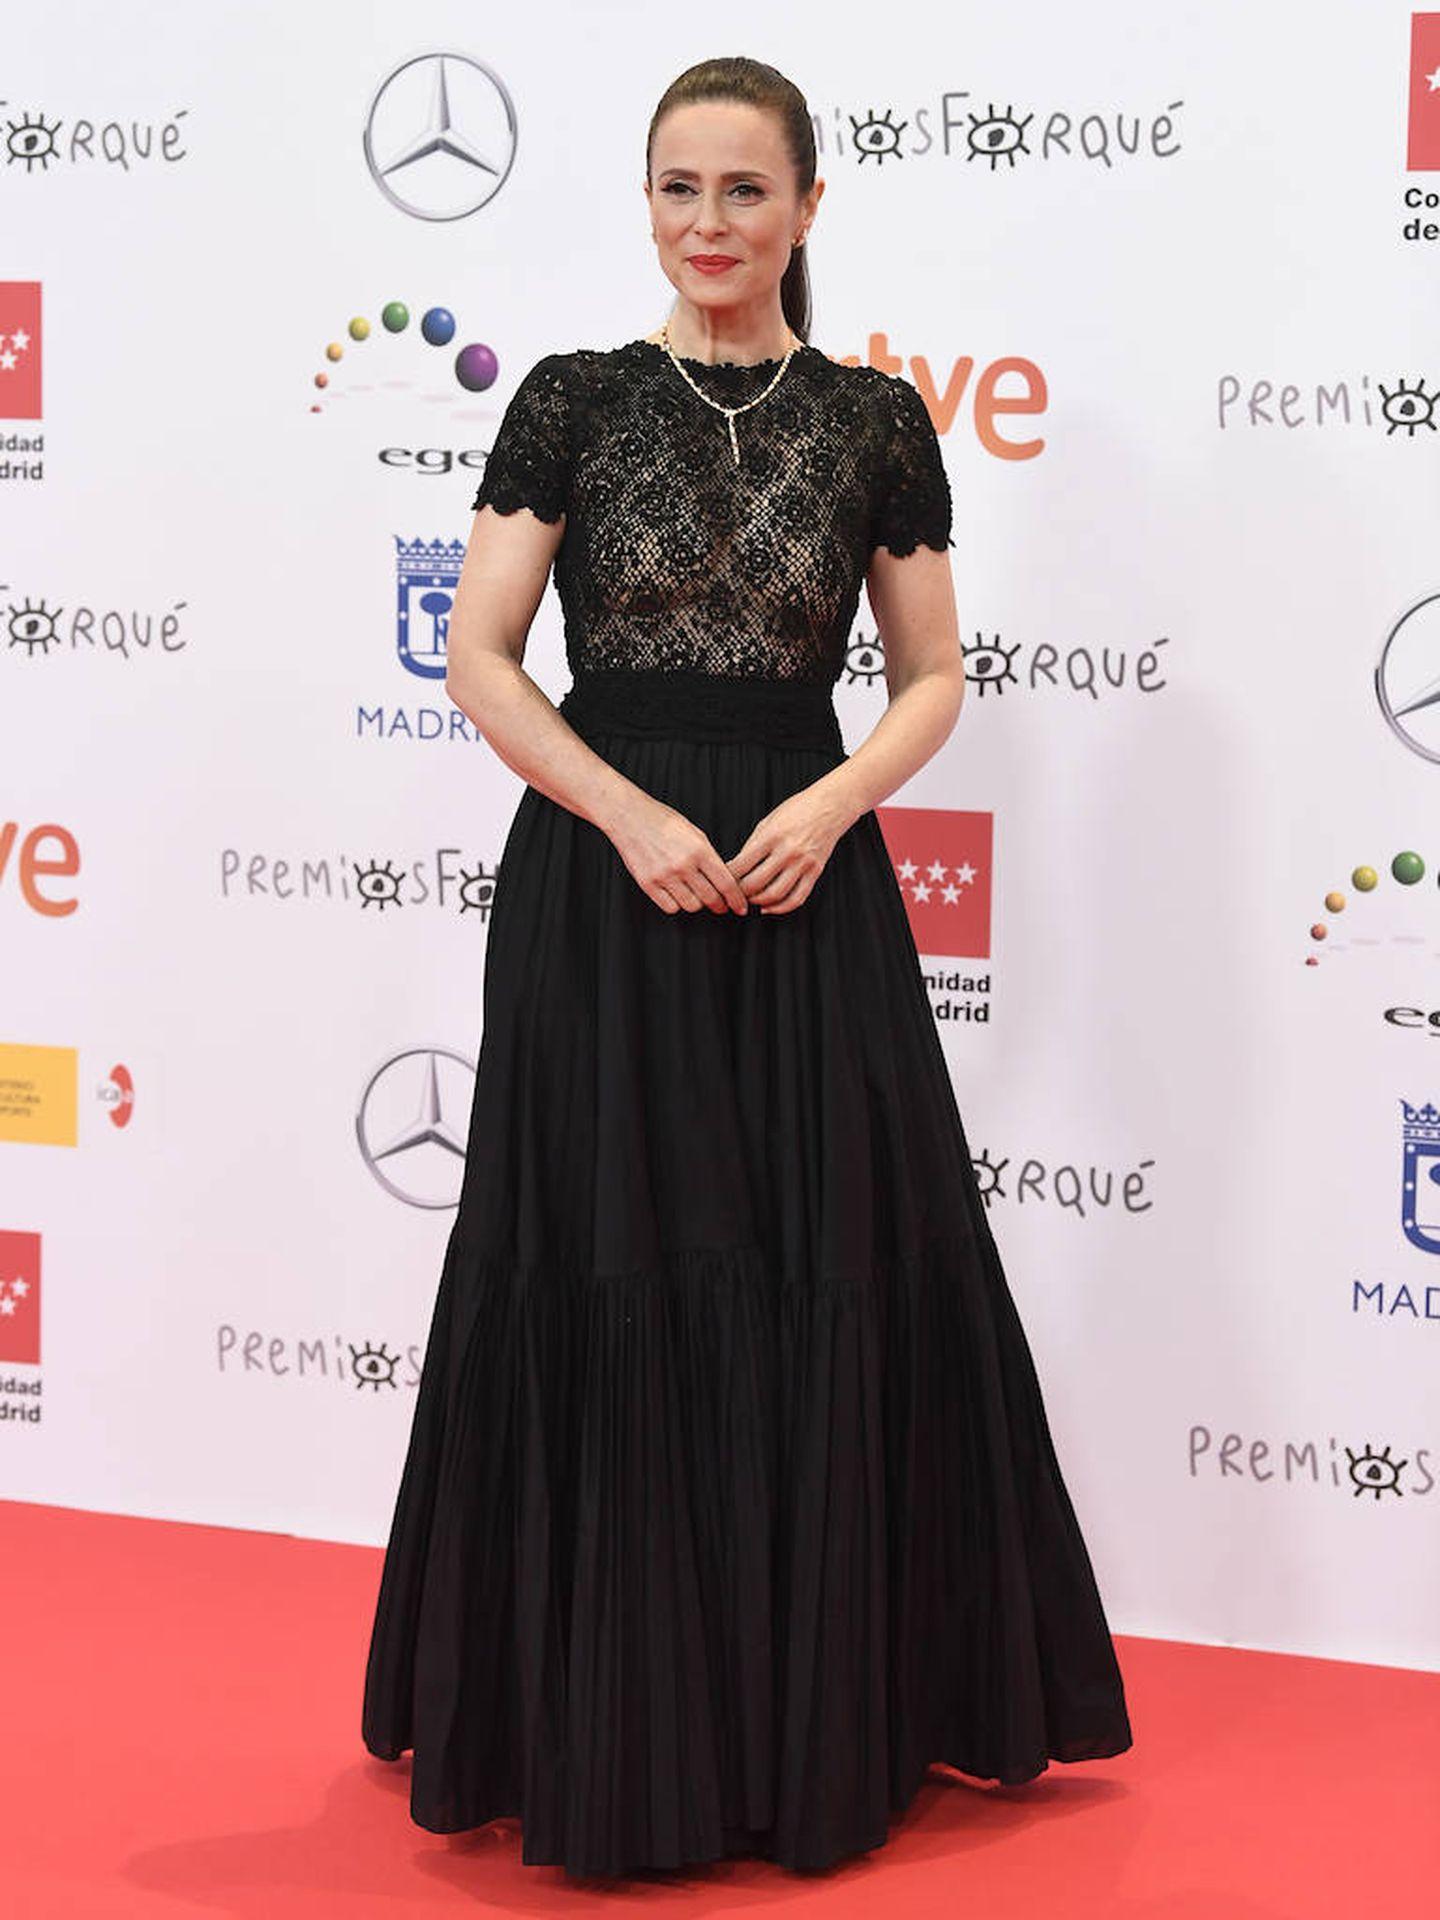 Aitana Sánchez Gijón luciendo un vestido negro de Dior en la alfombra roja de los Premios Forqué. (Limited Pictures)